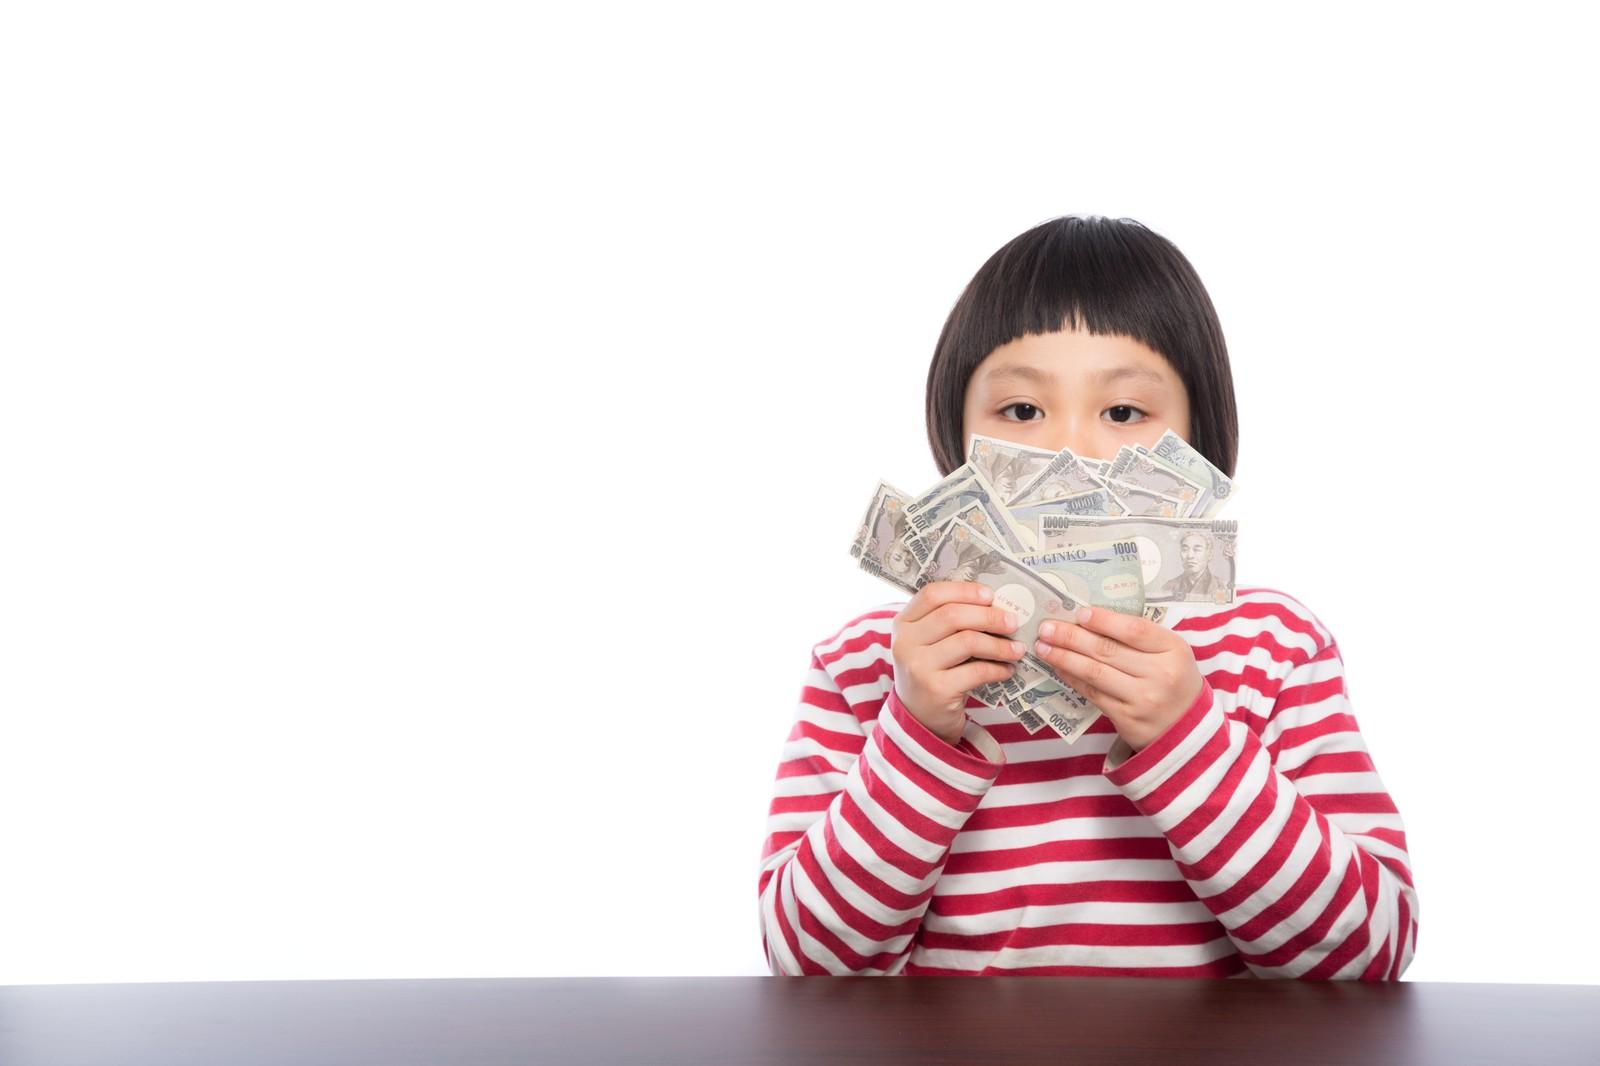 民間保険は発売しない?不妊治療はエゴなのか。